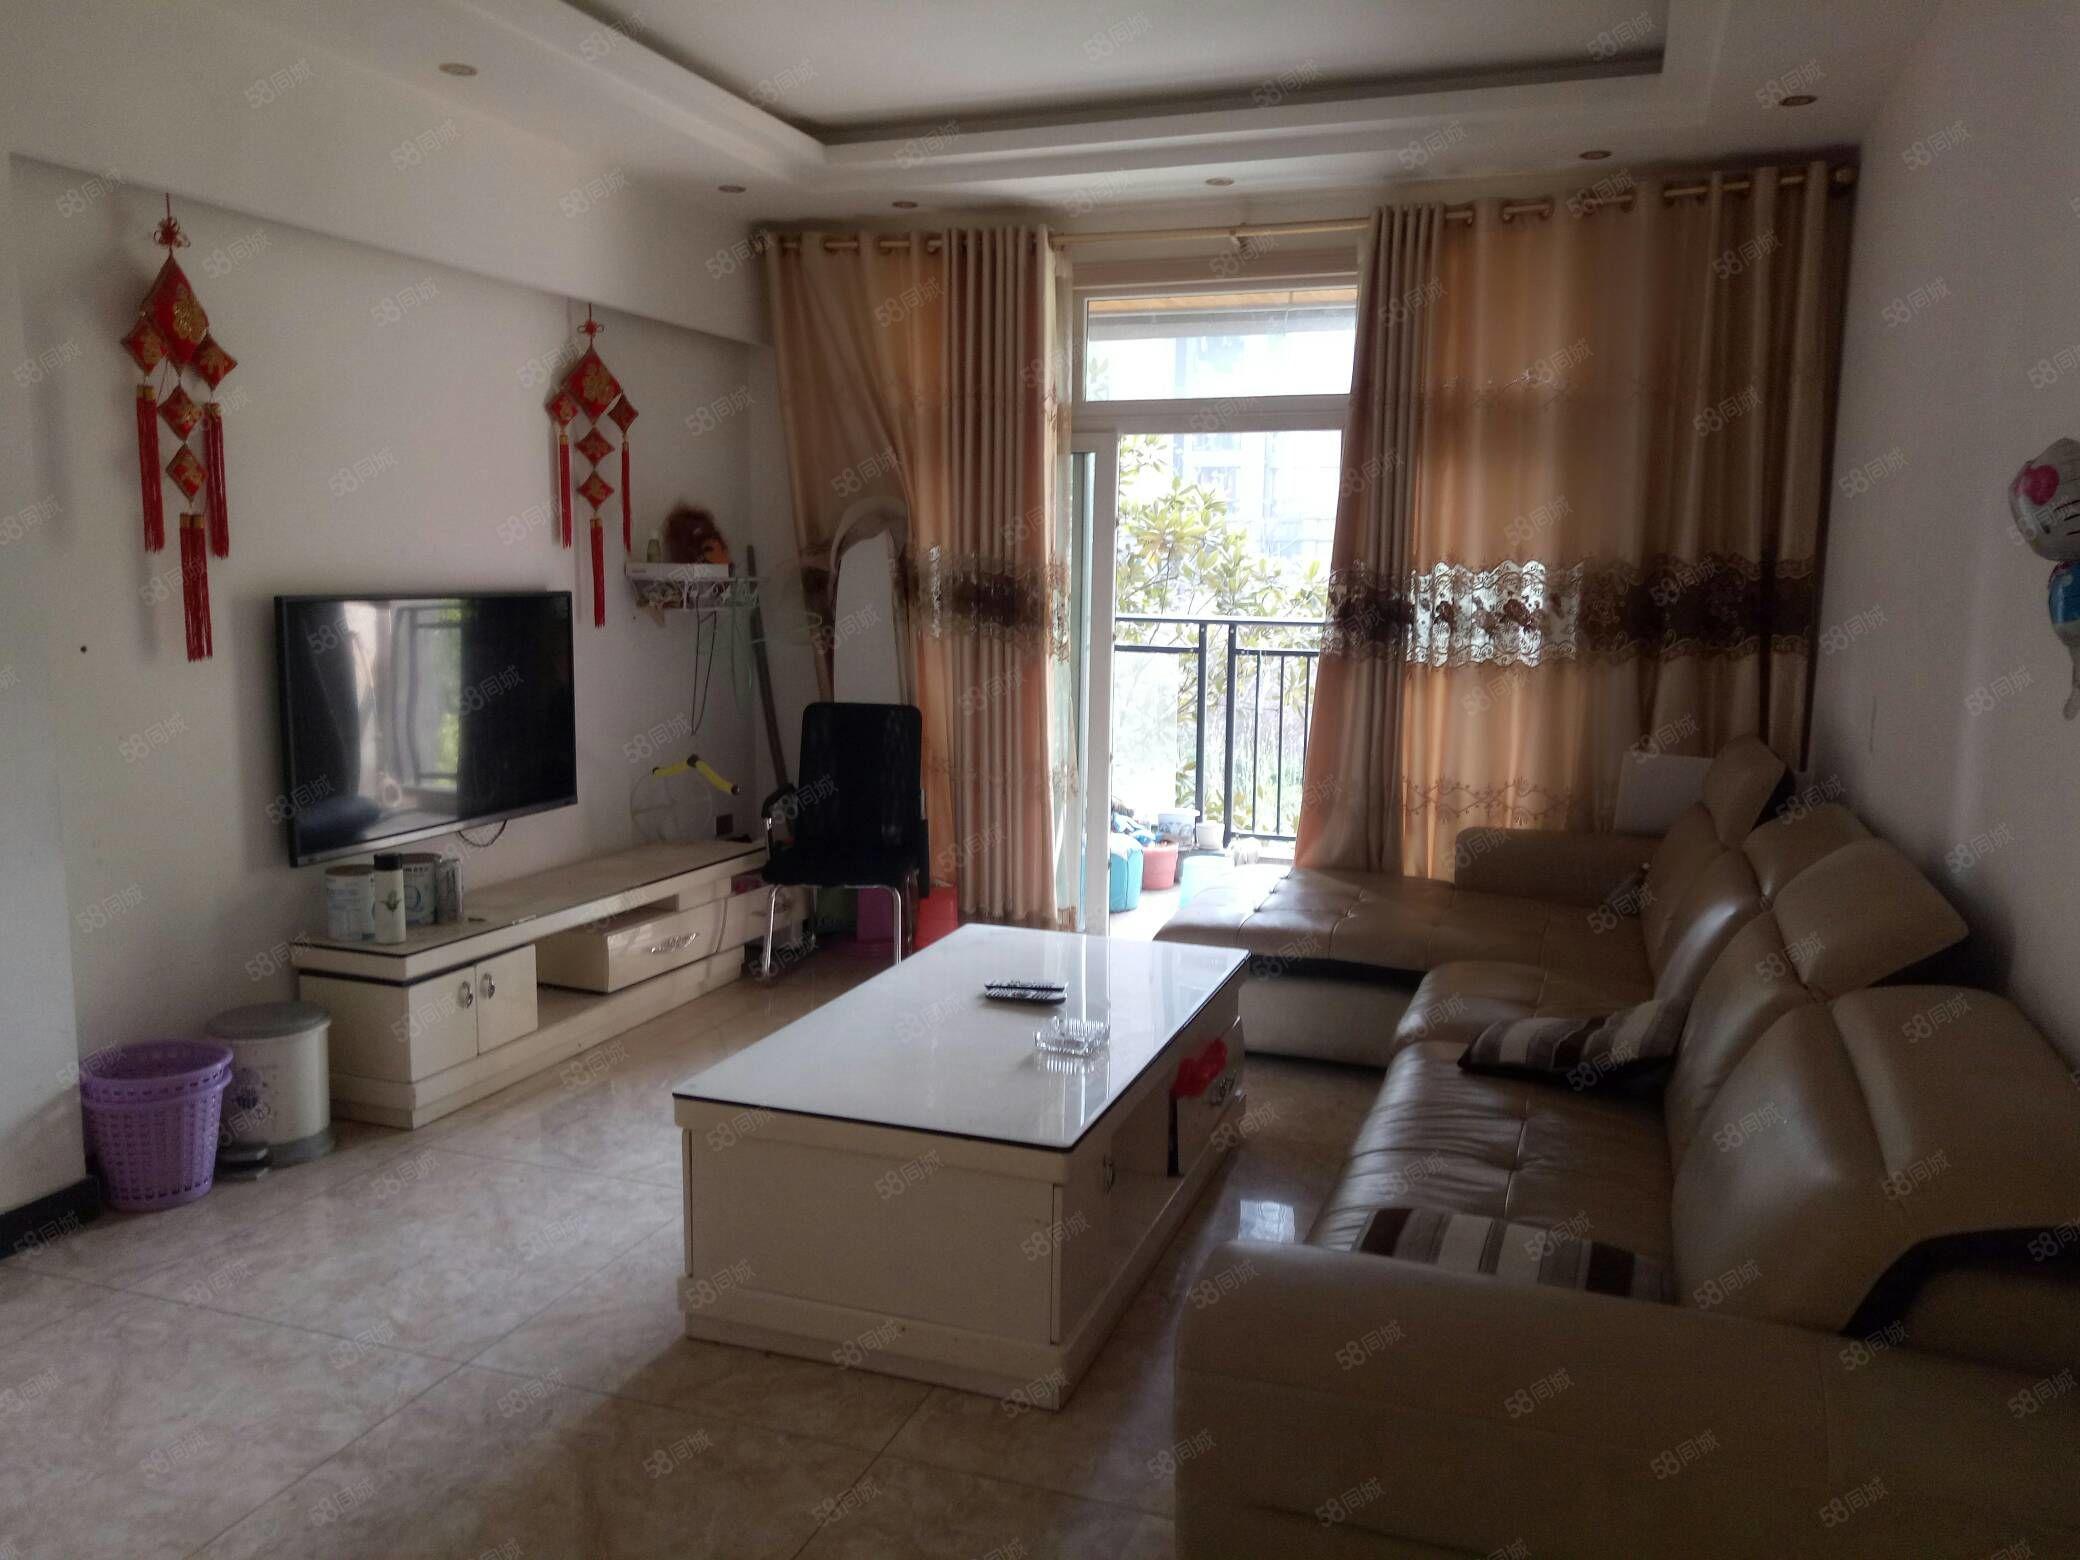 普羅旺斯東岸精裝大三房出租,家具家電齊全,拎包入住